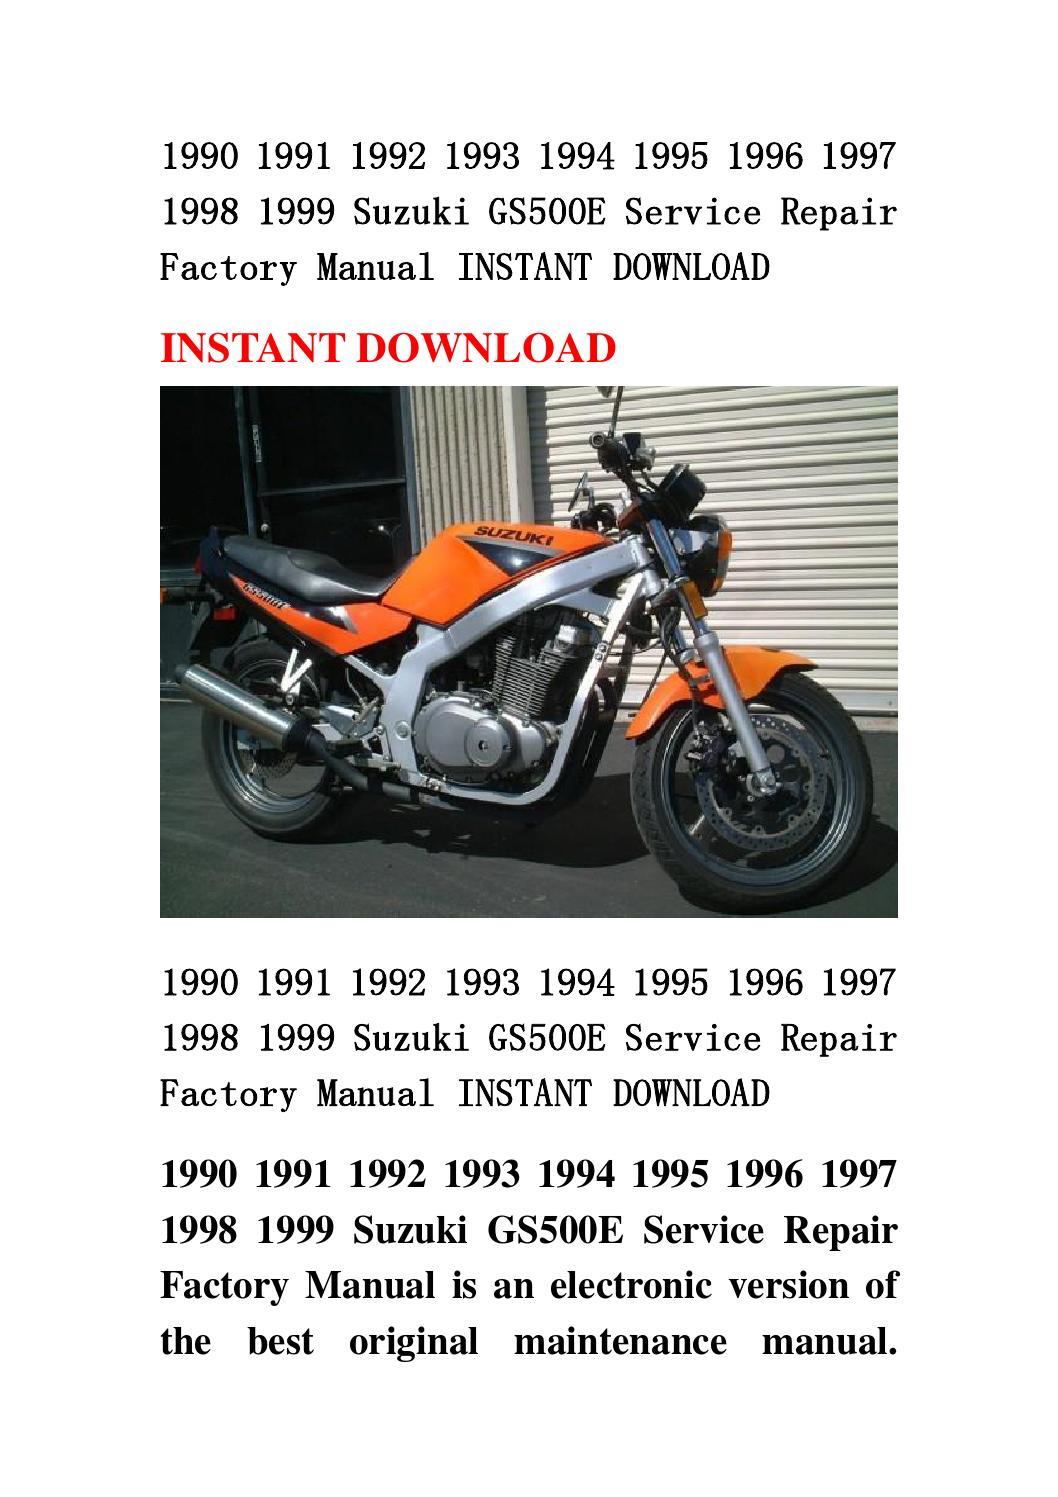 1990 1991 1992 1993 1994 1995 1996 1997 1998 1999 Suzuki